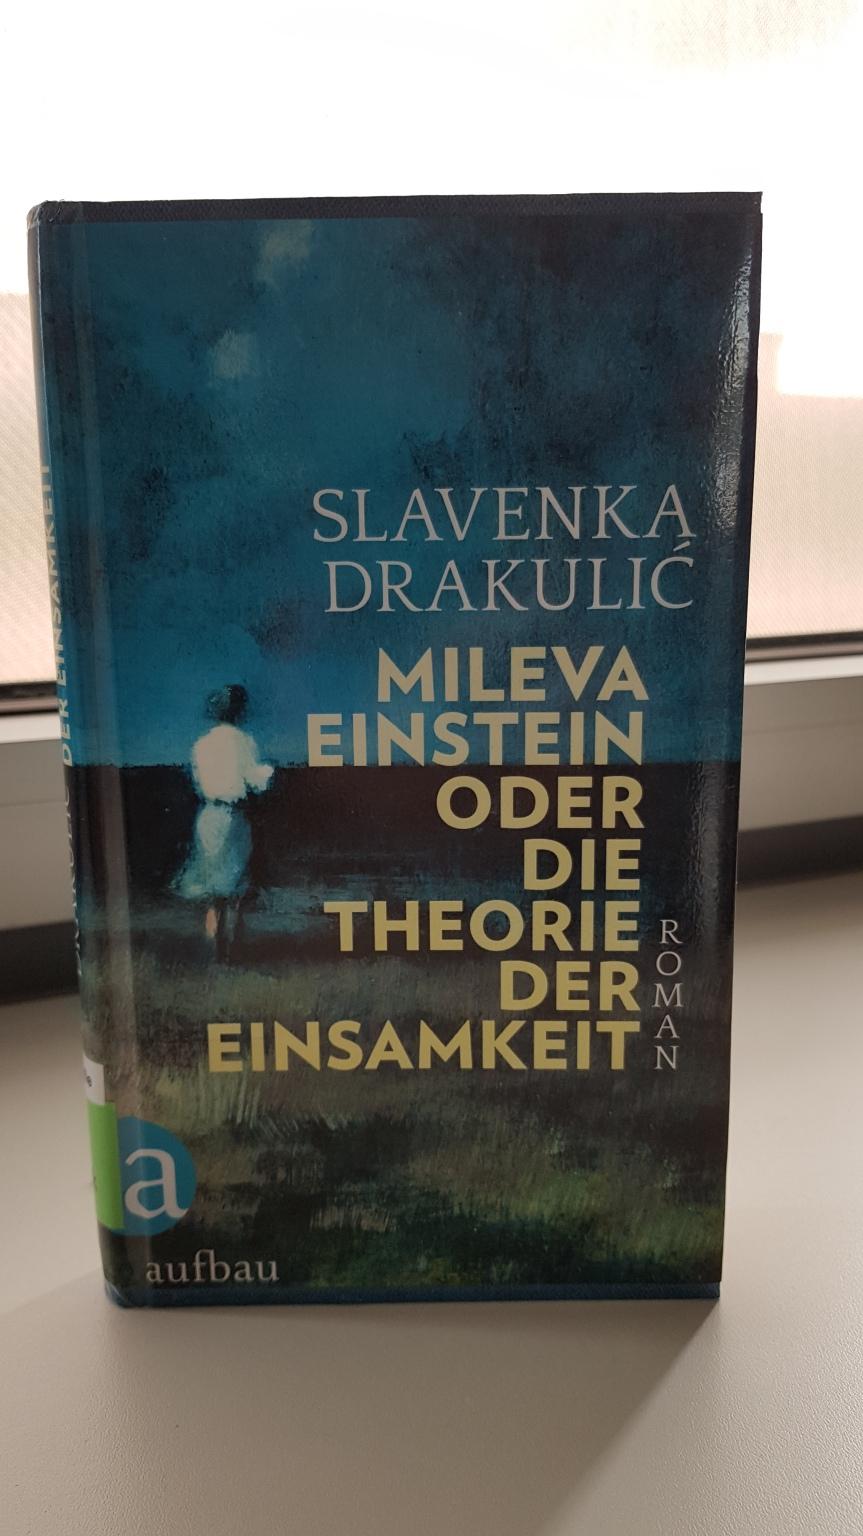 TietzelsTipp: Mileva Einstein oder die Theorie der Einsamkeit von SlavenkaDraculić